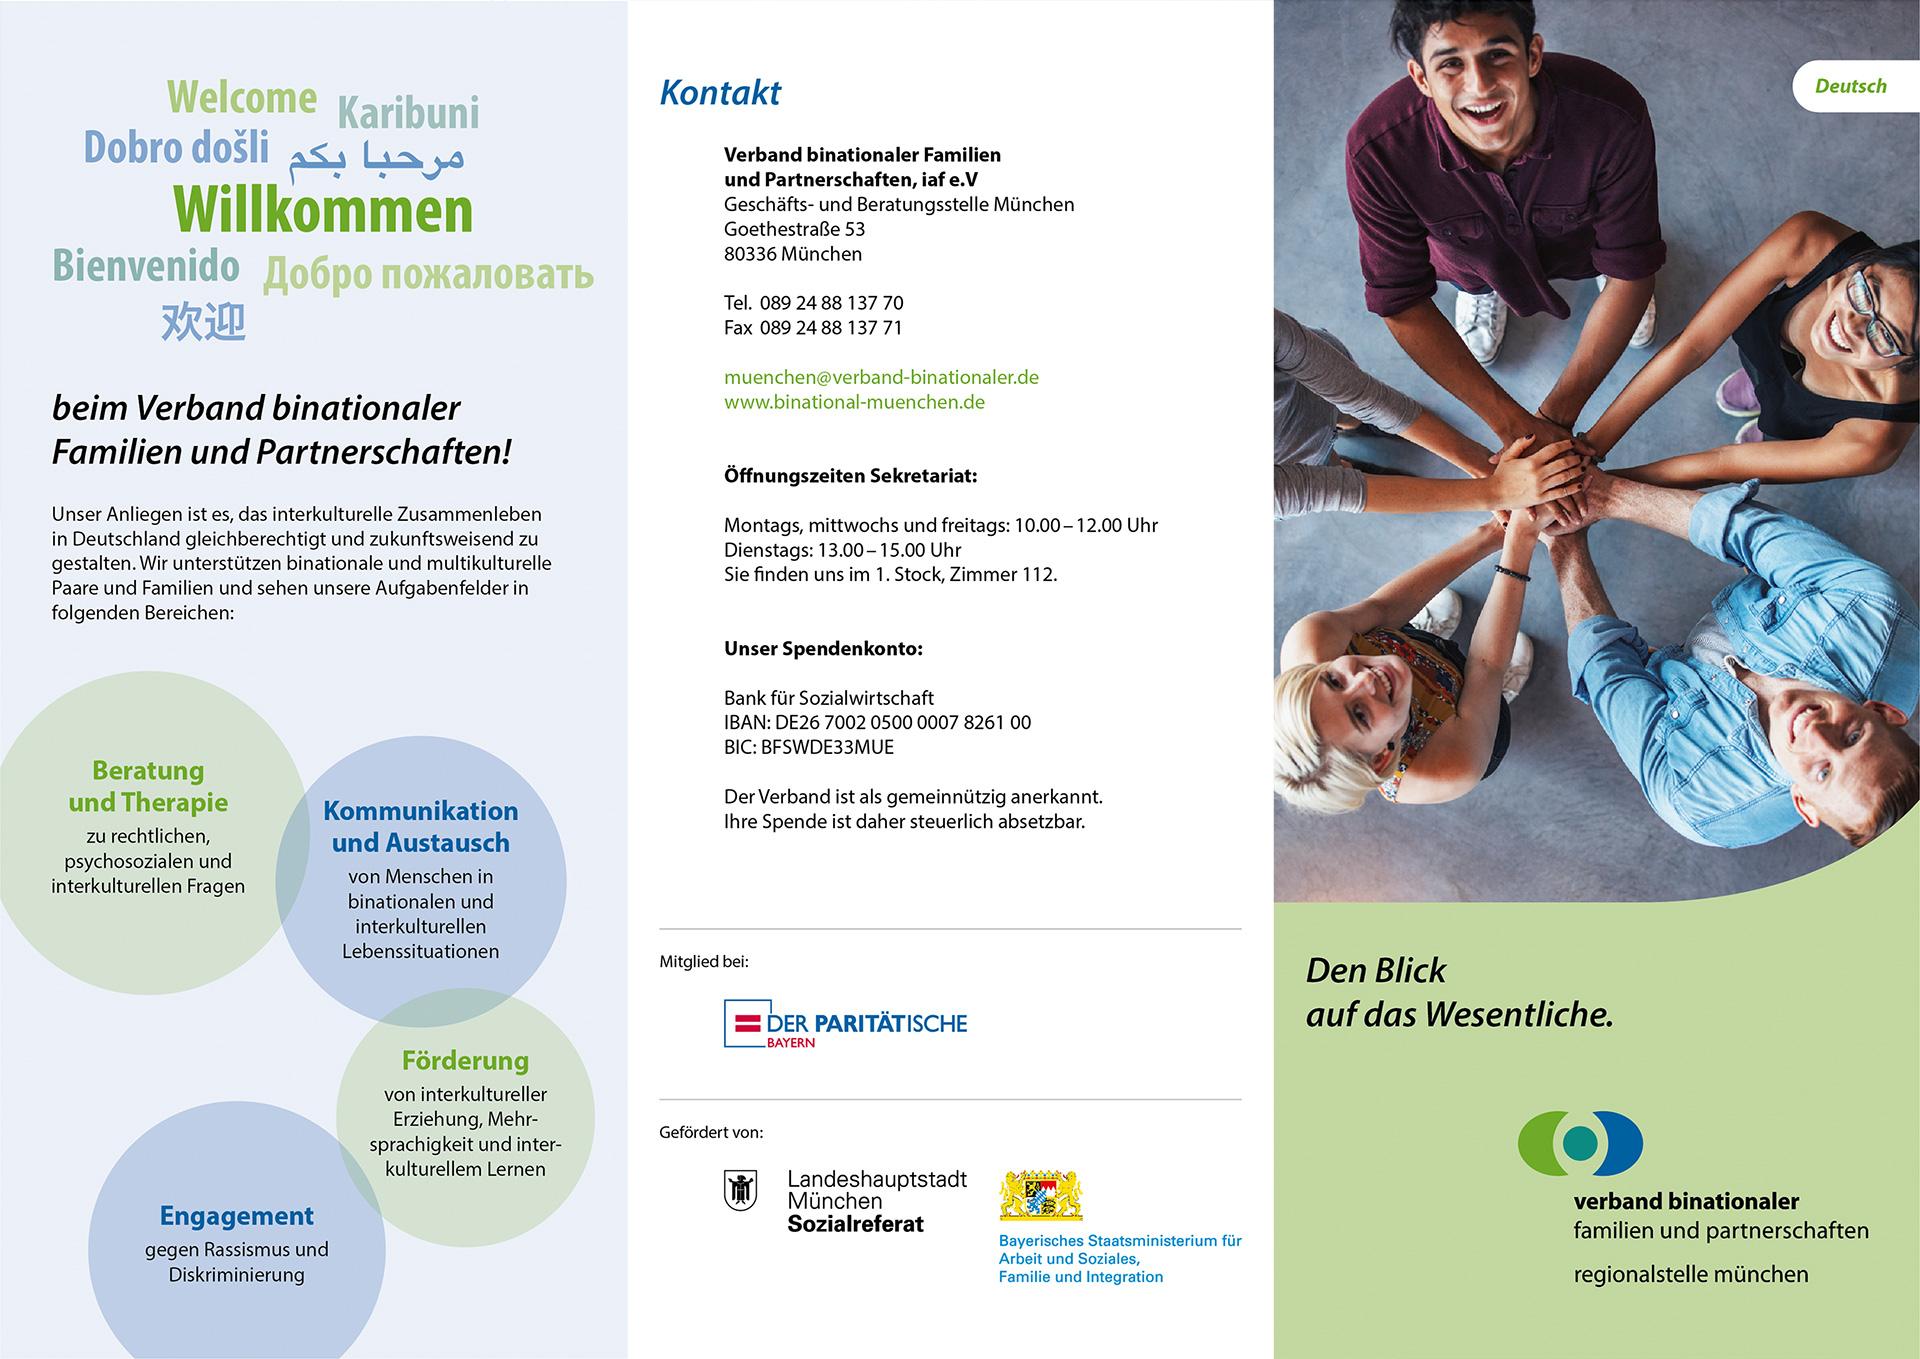 Verband binationaler Familien und Partnerschaften: Faltblatt